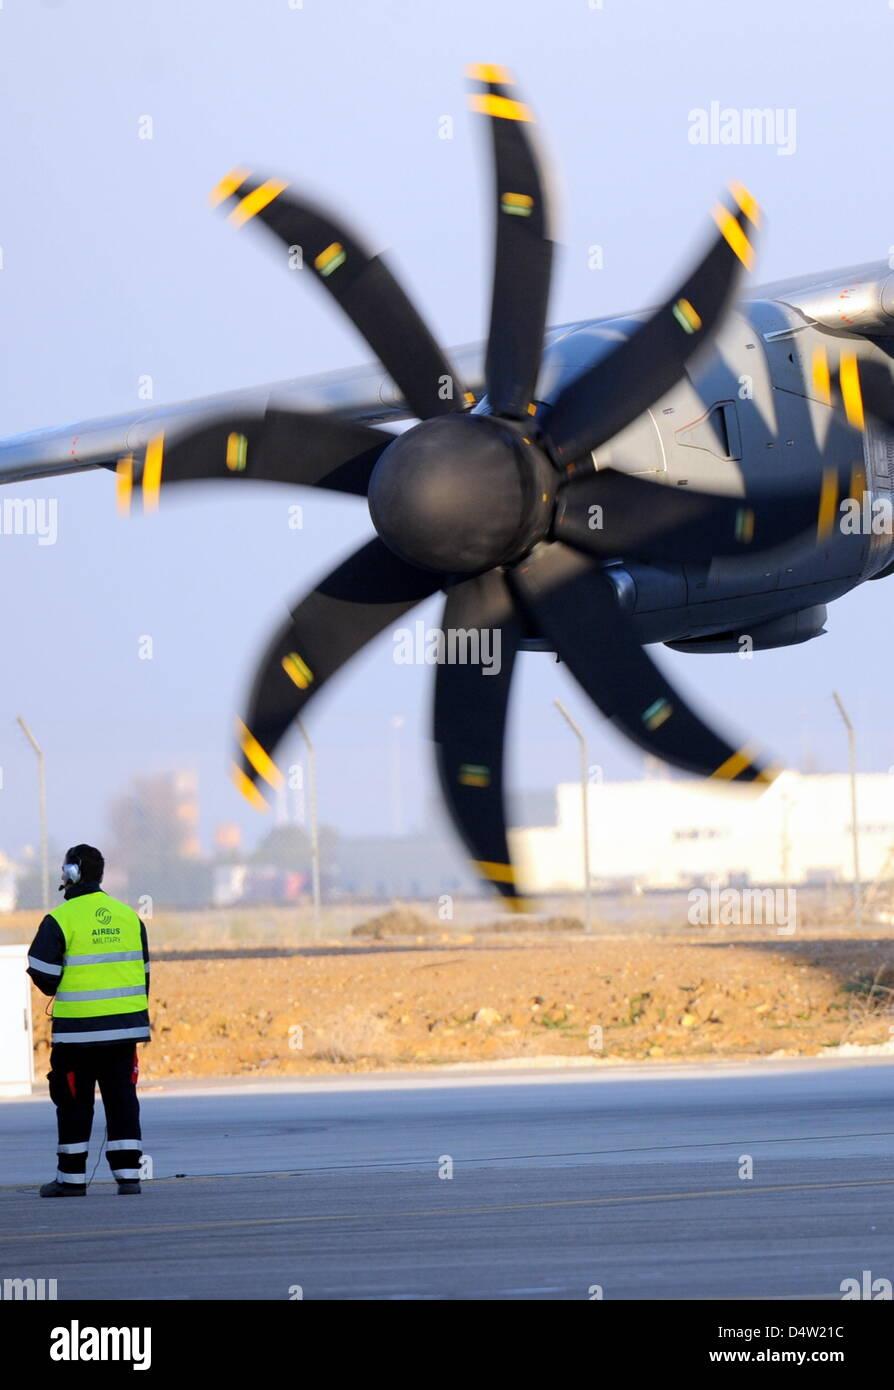 Il militare Airbus A400M è pronta per il suo primo volo in Sevilla, Spagna, 11 dicembre 2009. I quattro bimotore aereo ha preso il largo nella parte anteriore del 2500 gli ospiti al trimestre passato dieci del mattino in splendido sole. Il volo inaugurale era stato originariamente previsto per l'inizio del 2008. Foto: MAURIZIO GAMBARINI Foto Stock